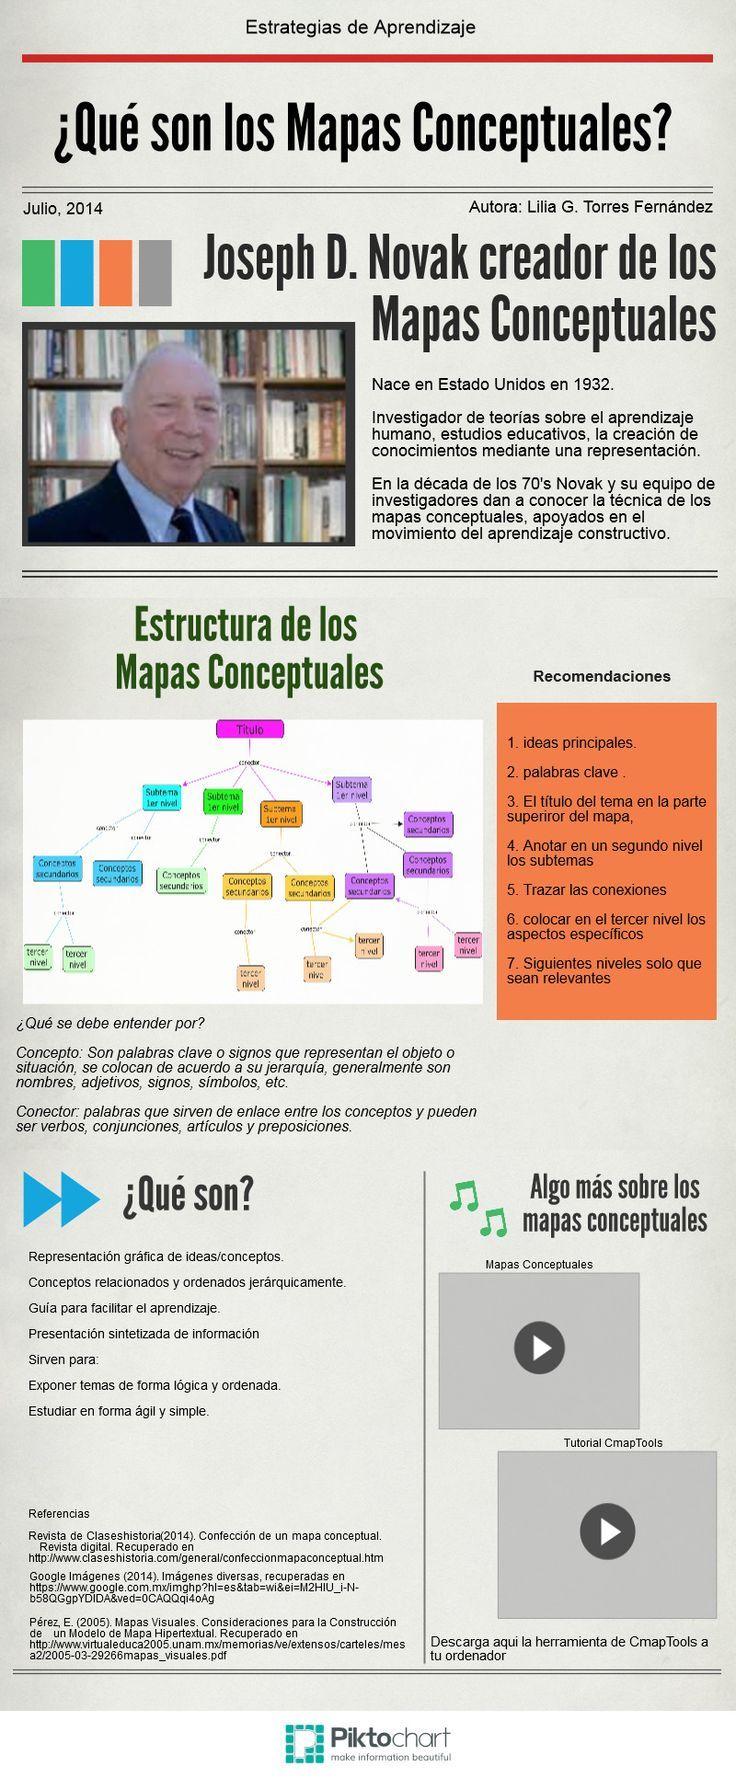 Mapas Conceptuales | @Piktochart Infographic: